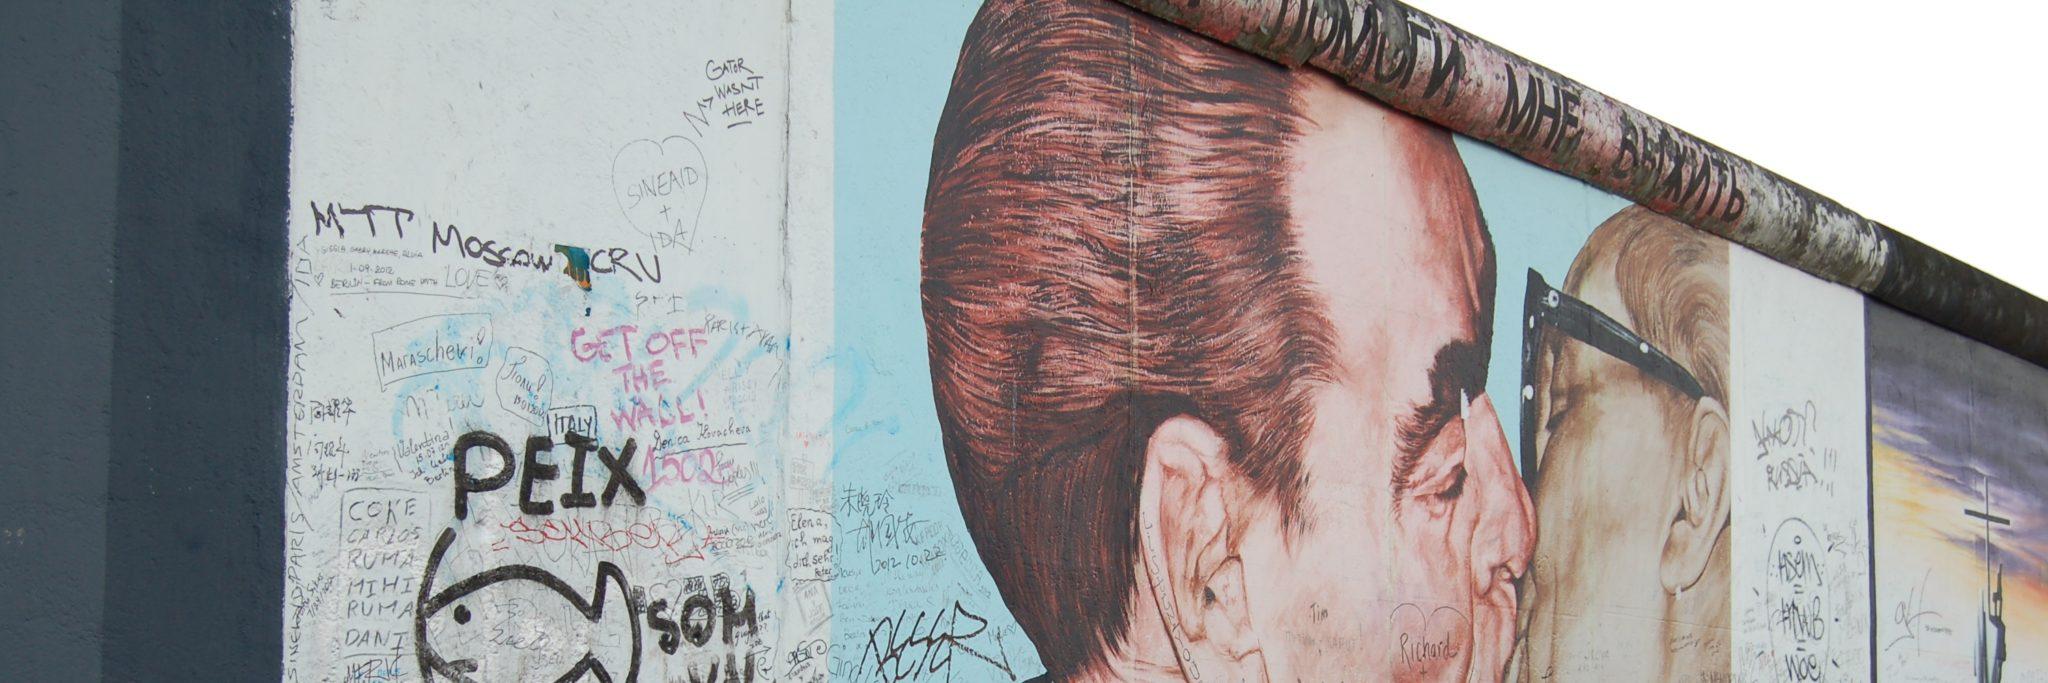 Szlak Muru Berlińskiego